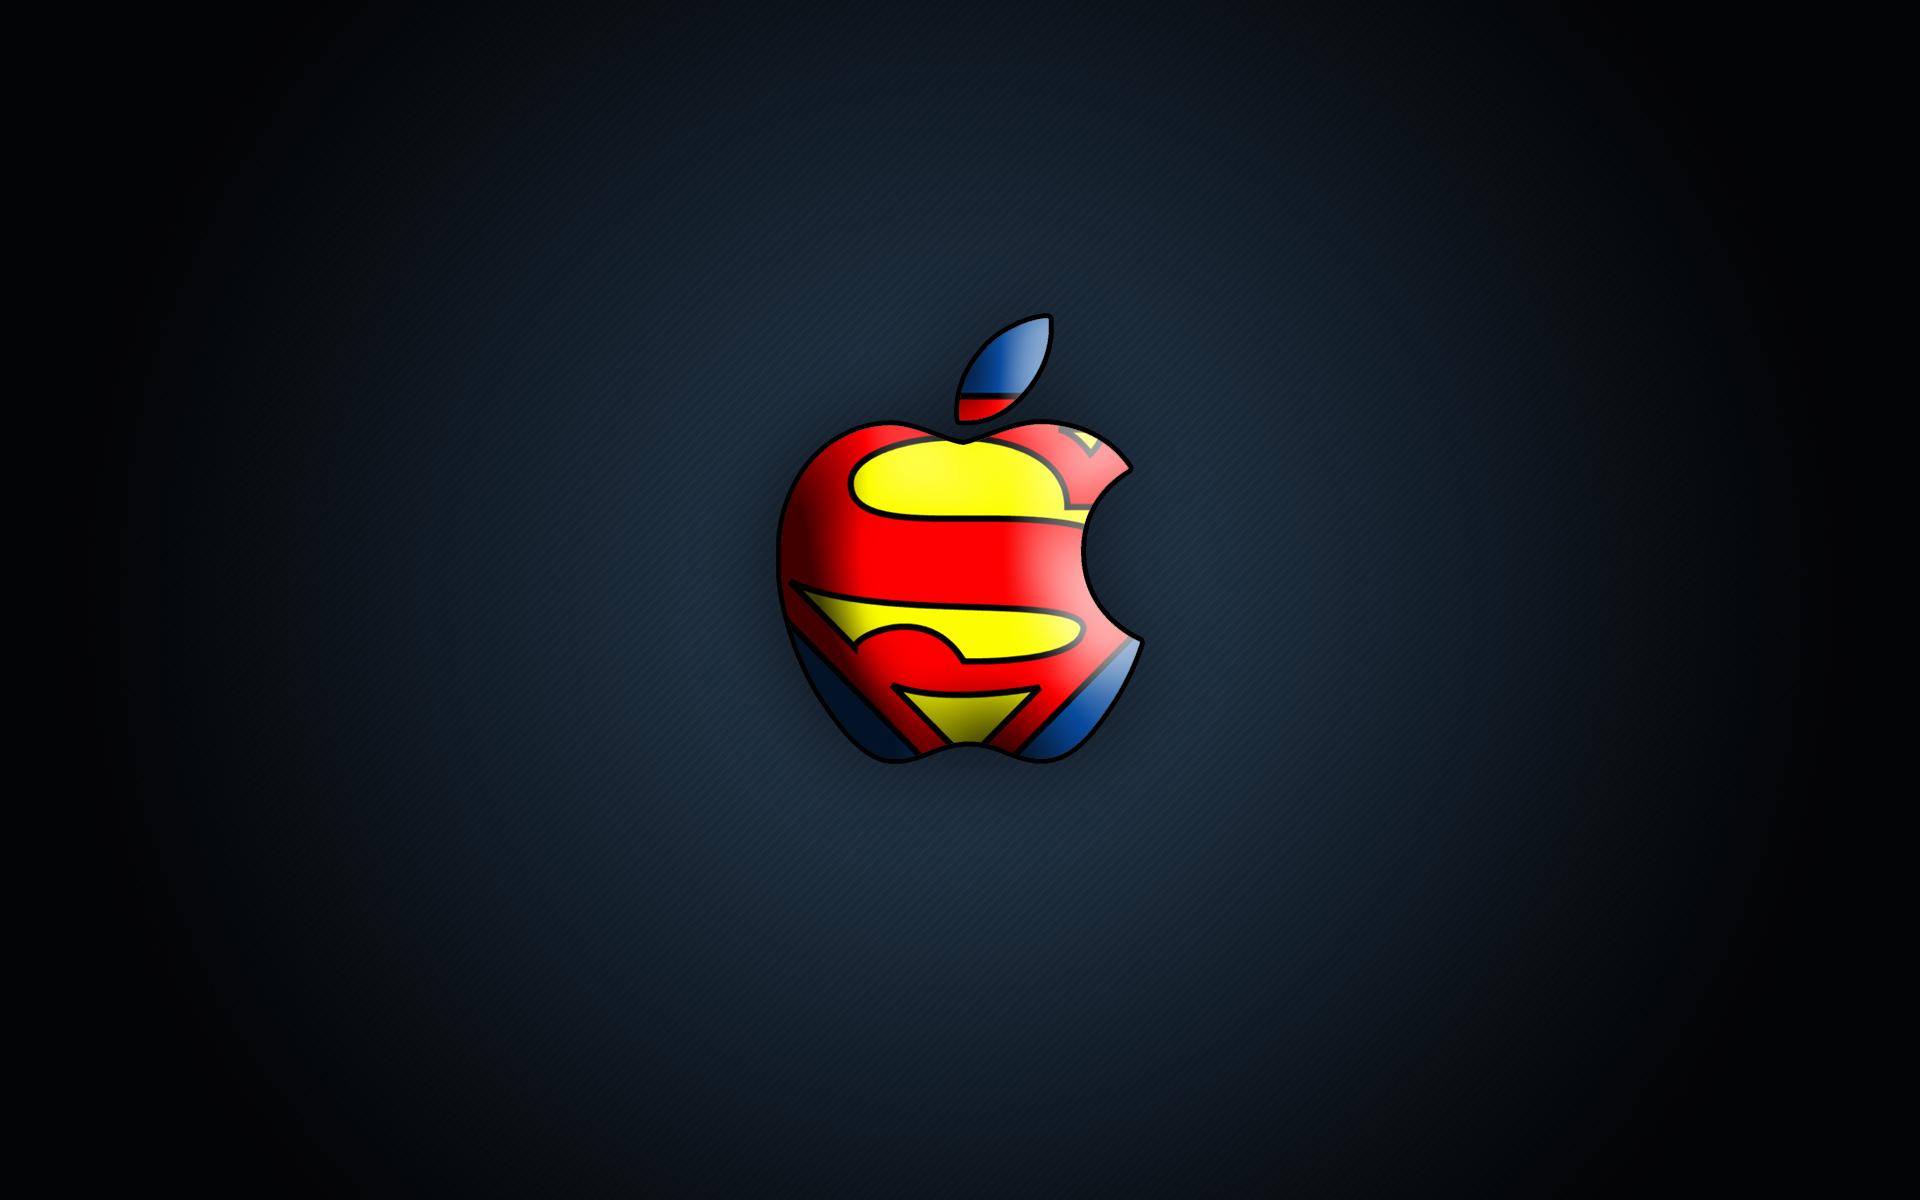 cool superman wallpaper mac images 1920x1200 1920x1200